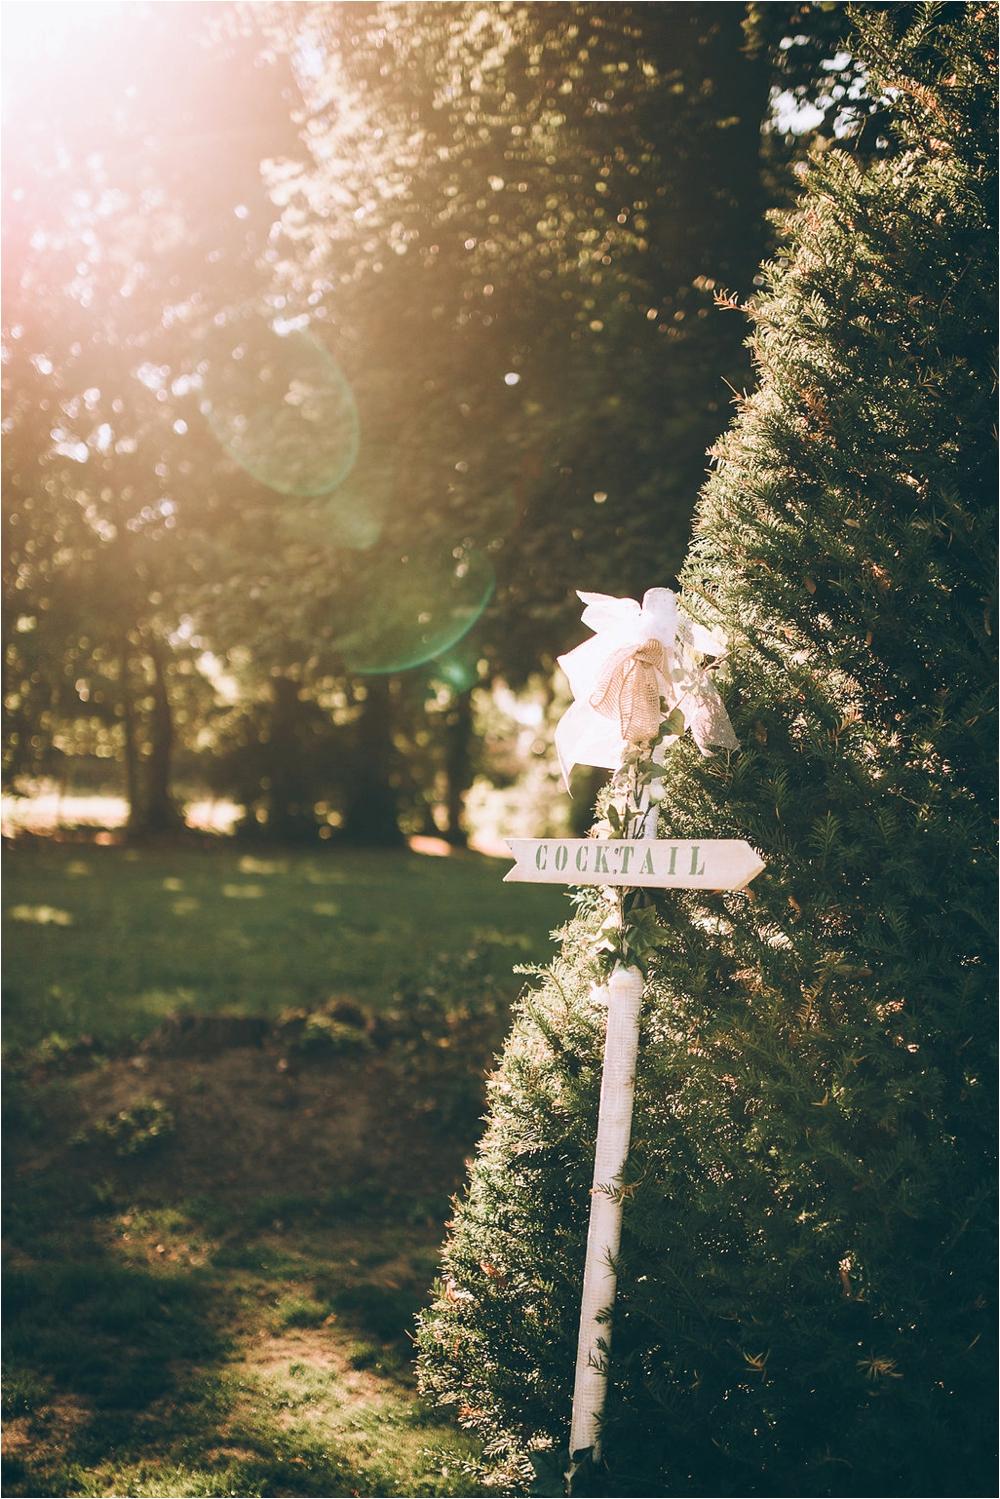 steven-bassilieaux-photographe-mariage-Orangerie de Vatimesnil-bordeaux-wedding-photographer_0368.jpg